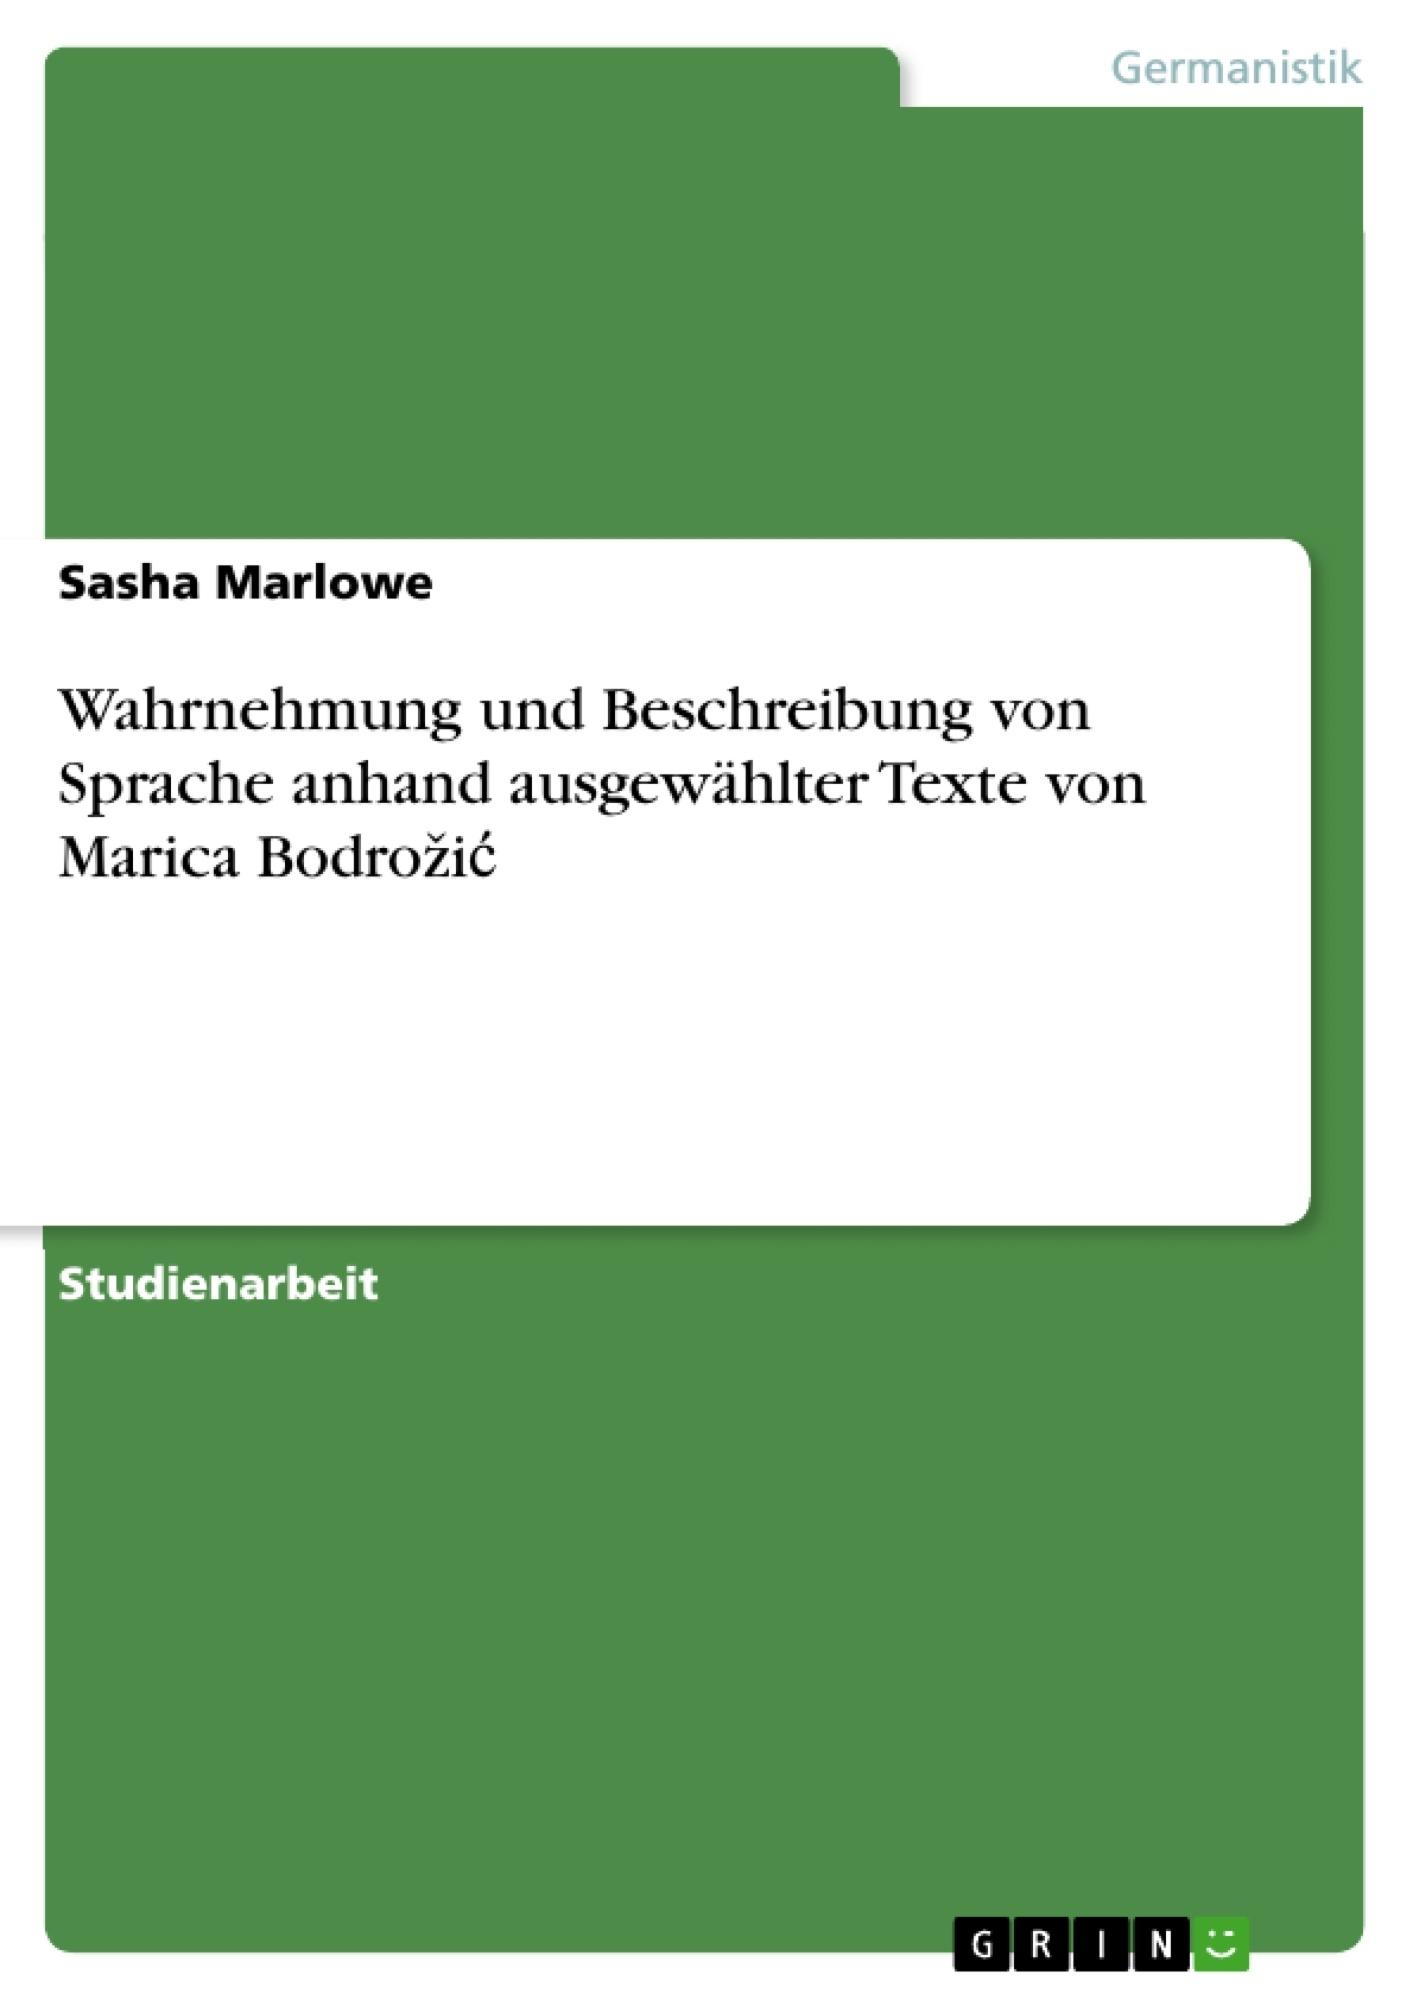 Titel: Wahrnehmung und Beschreibung von Sprache anhand ausgewählter Texte von Marica Bodrožić